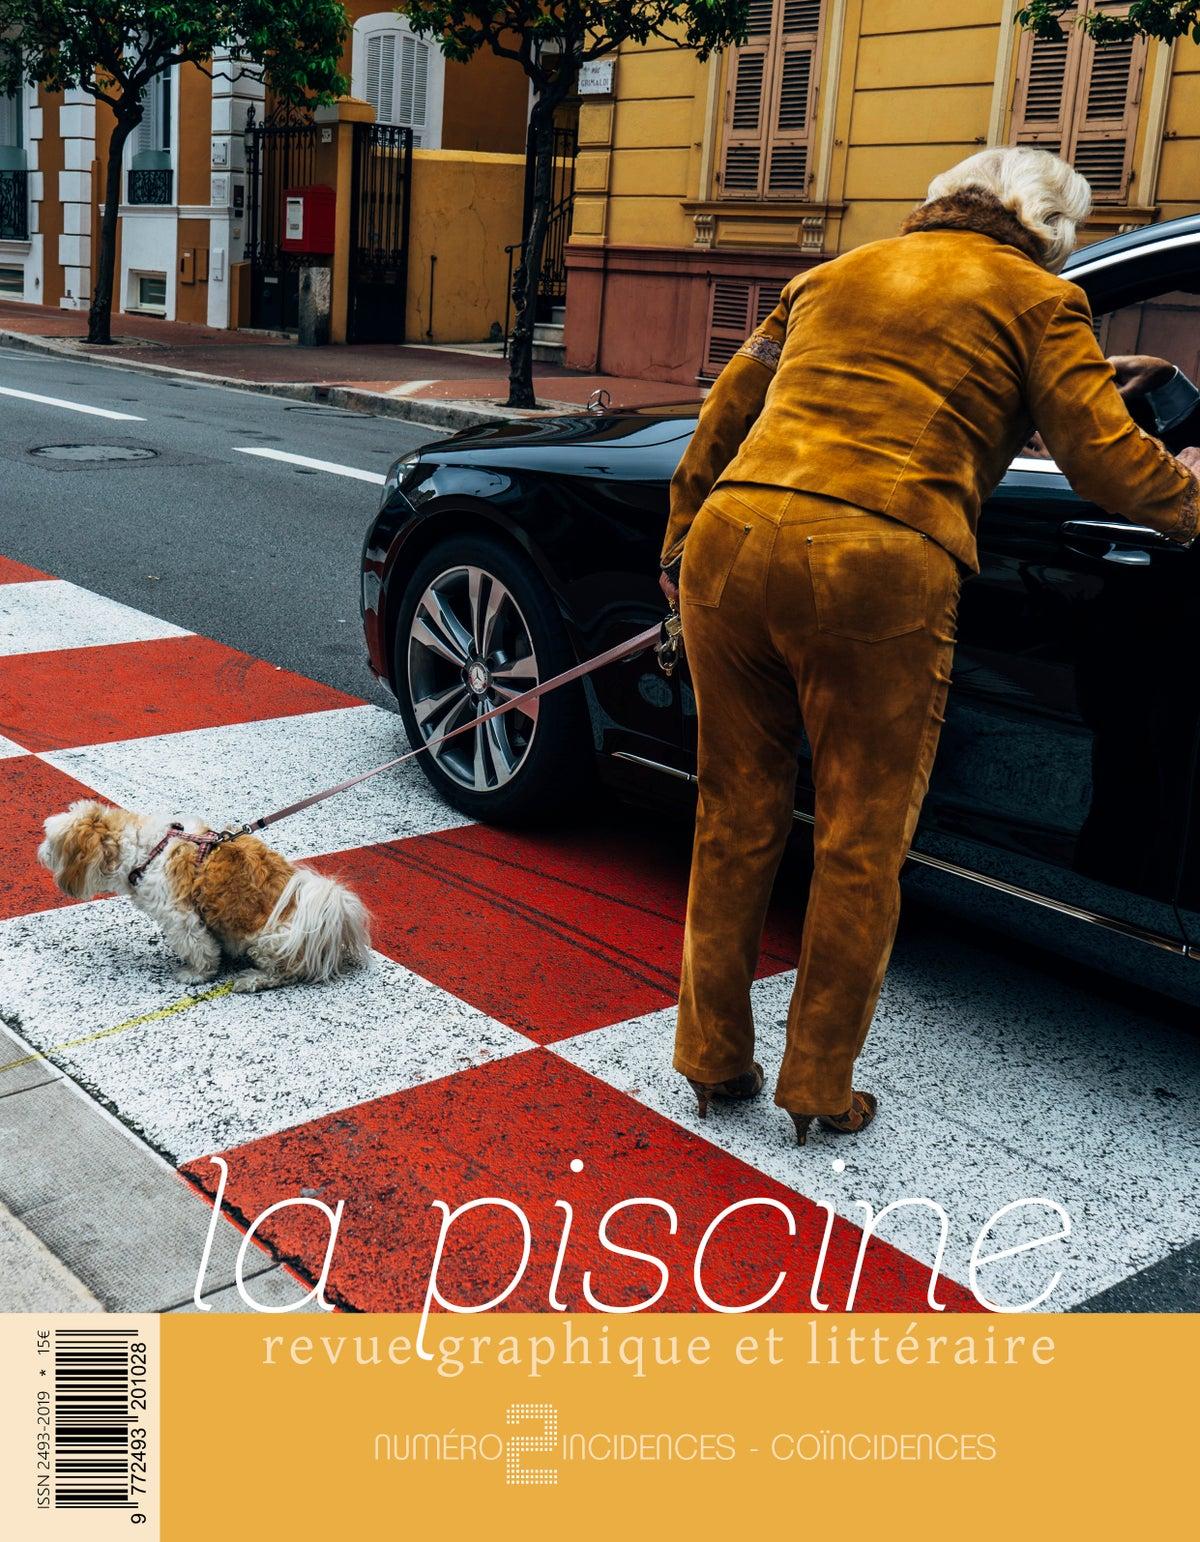 Image of Revue La Piscine - Numéro 2, incidences - coïncidences - octobre 2017